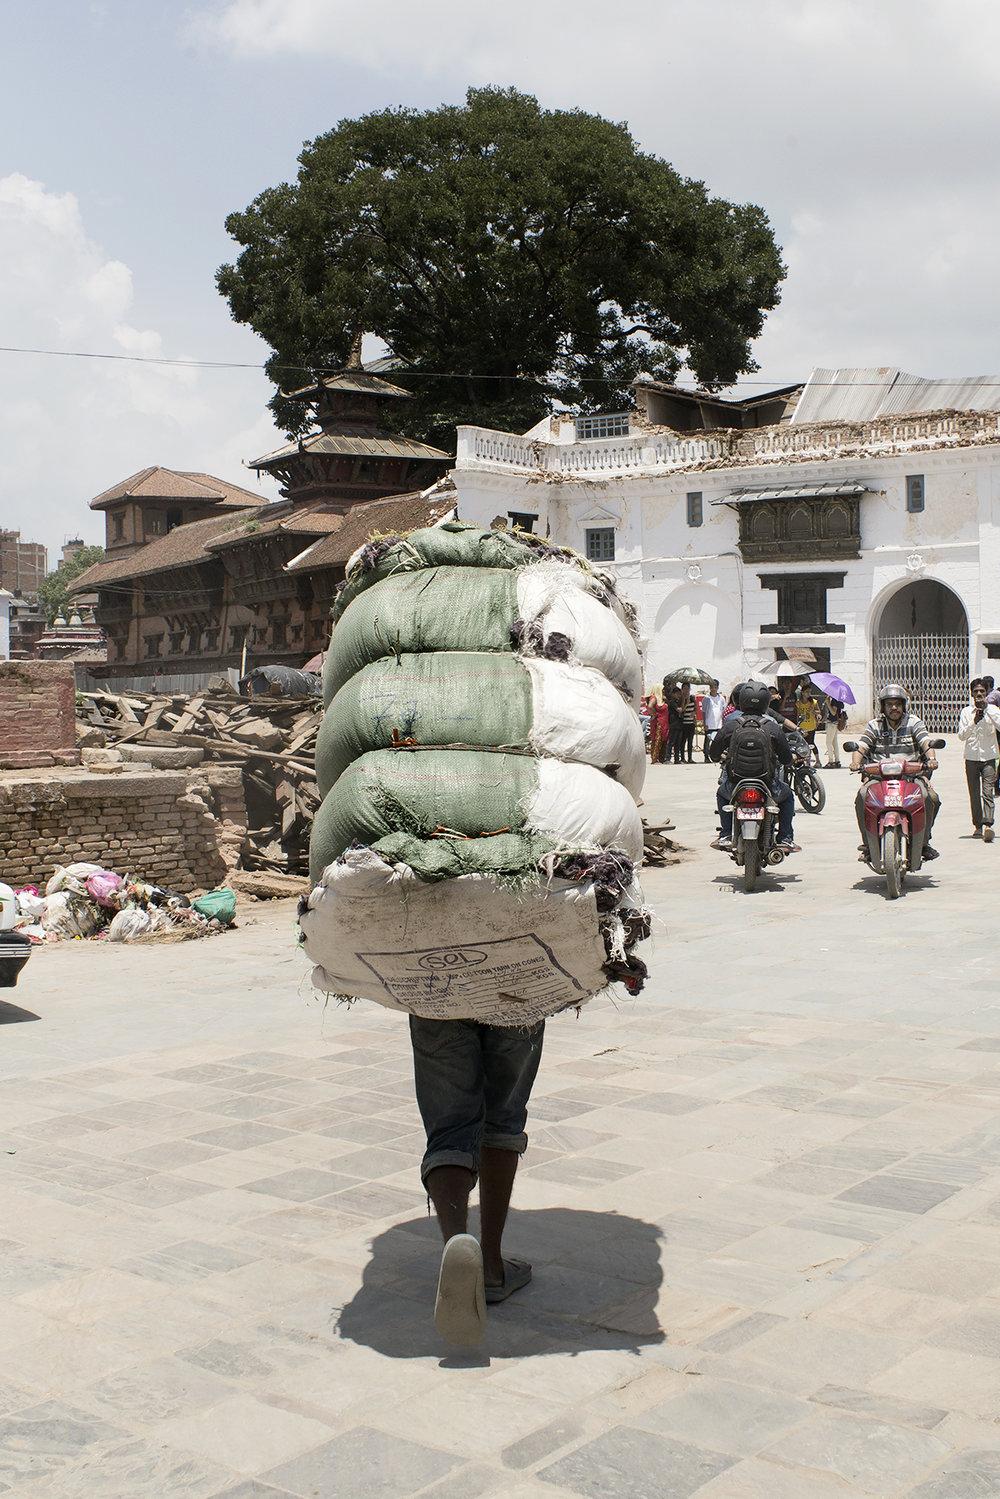 Justyna_Kielbowicz_Nepal4.jpg